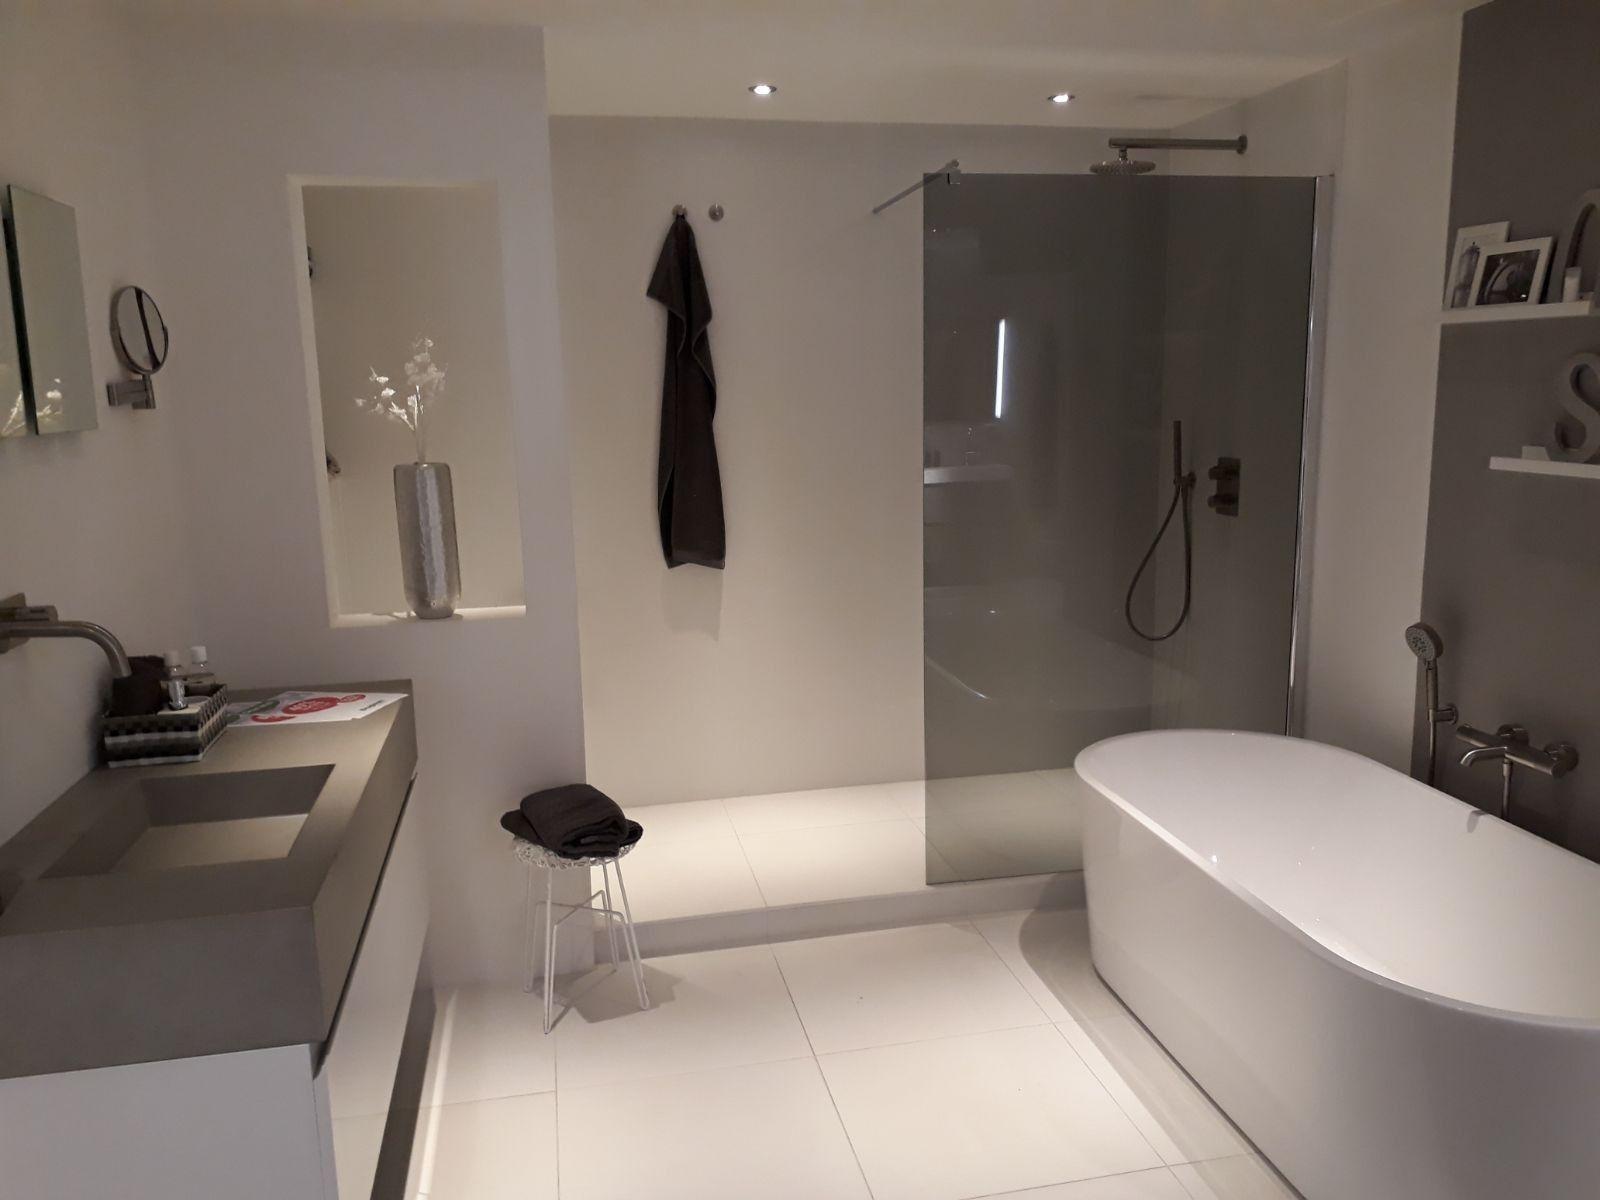 Bagni Da Sogno Moderni : Pin di andi nei su bad bagno bagni e idee